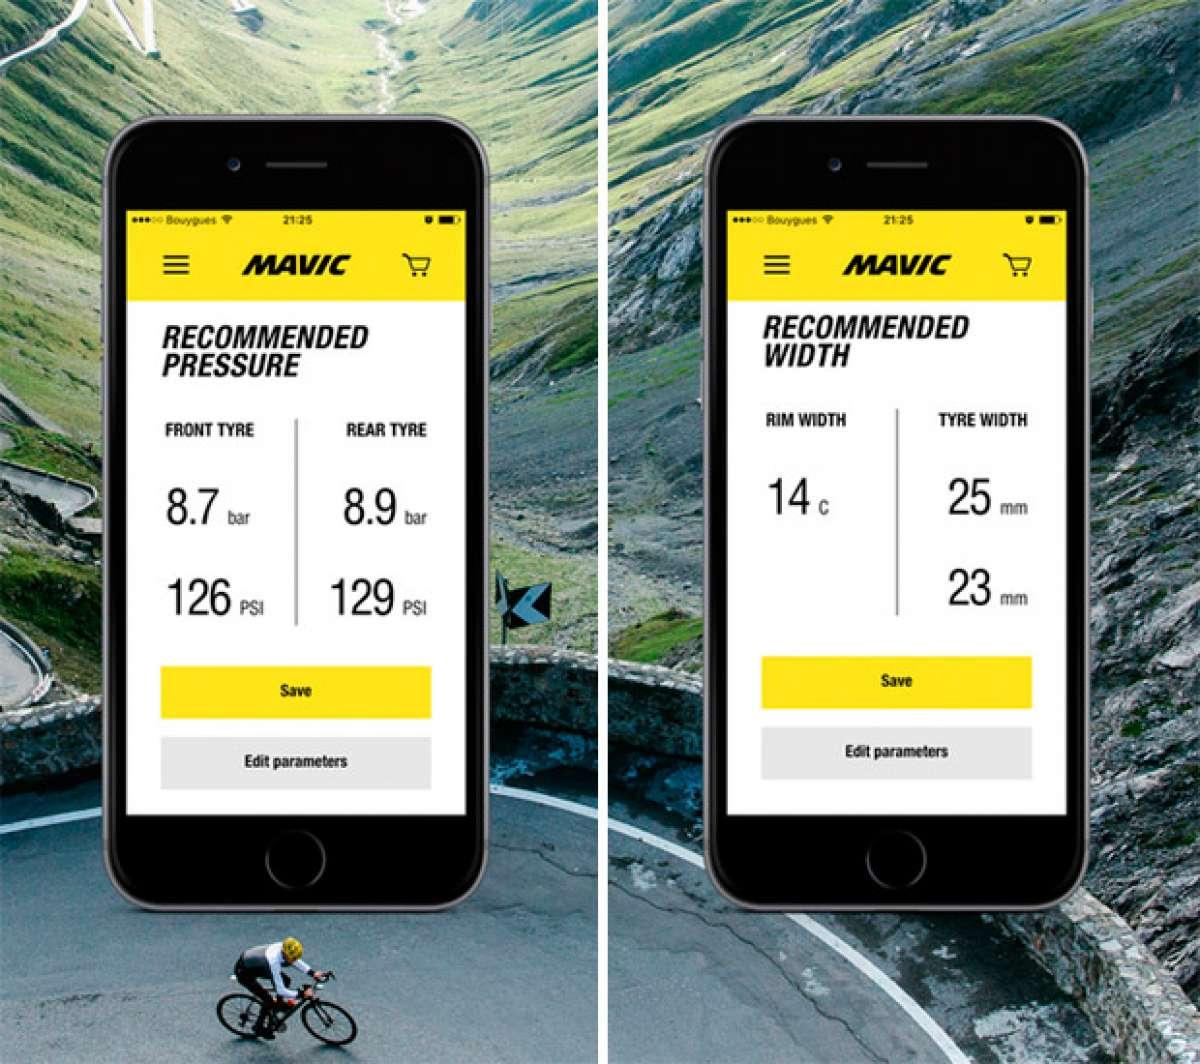 En TodoMountainBike: MyMavic, una aplicación móvil con toda la información de las ruedas de Mavic al alcance de la mano